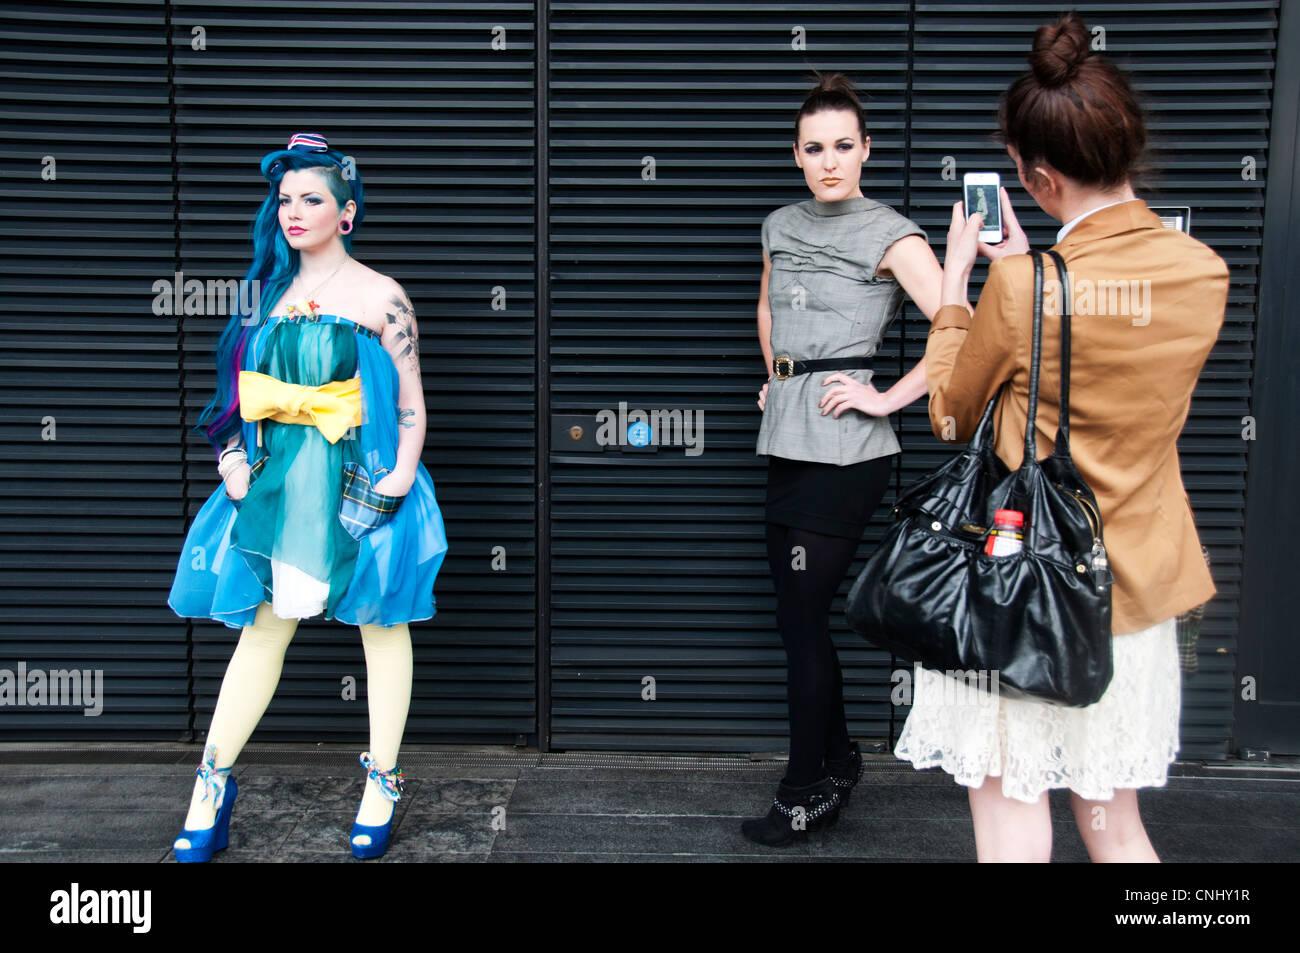 London Alternative Fashion Week 2012 Modelle darstellen, während ein Freund Fotos mit dem Handy. Stockbild